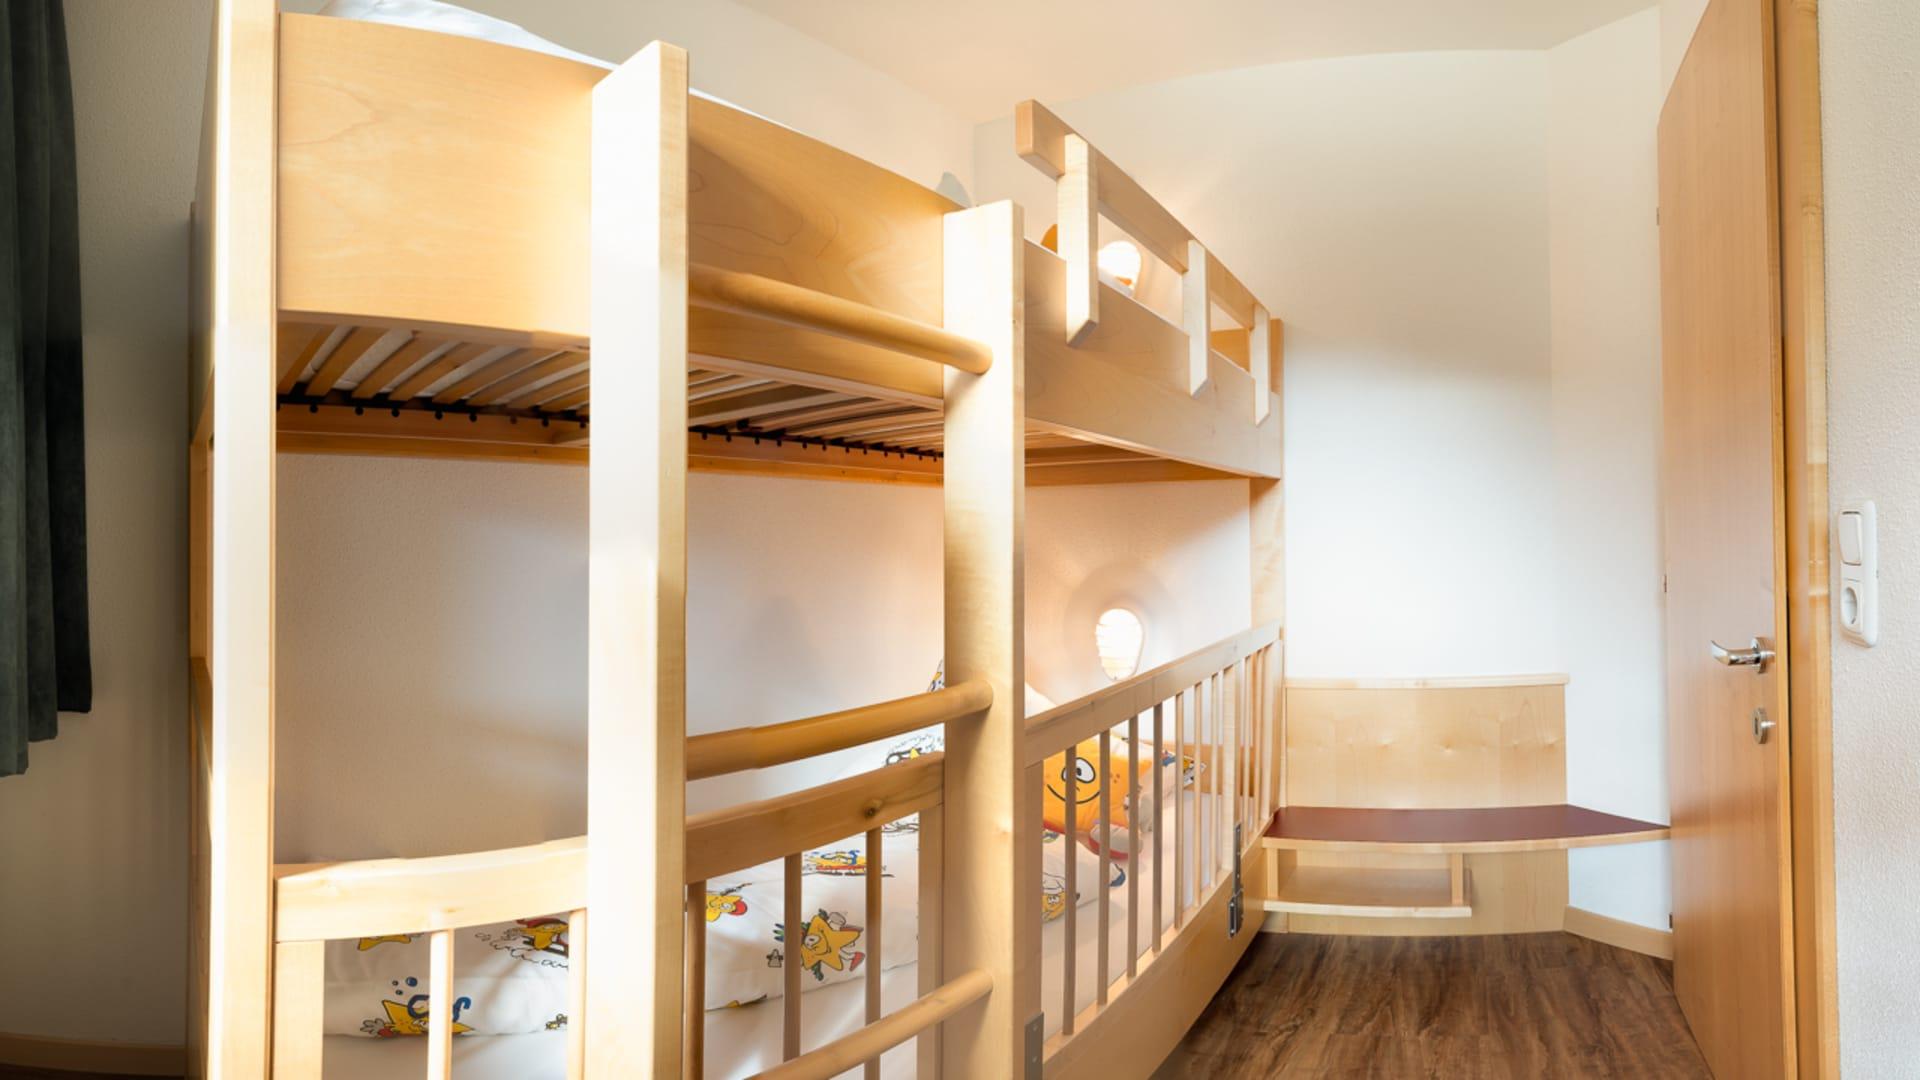 4_Sternensuite_Kinderzimmer.jpg